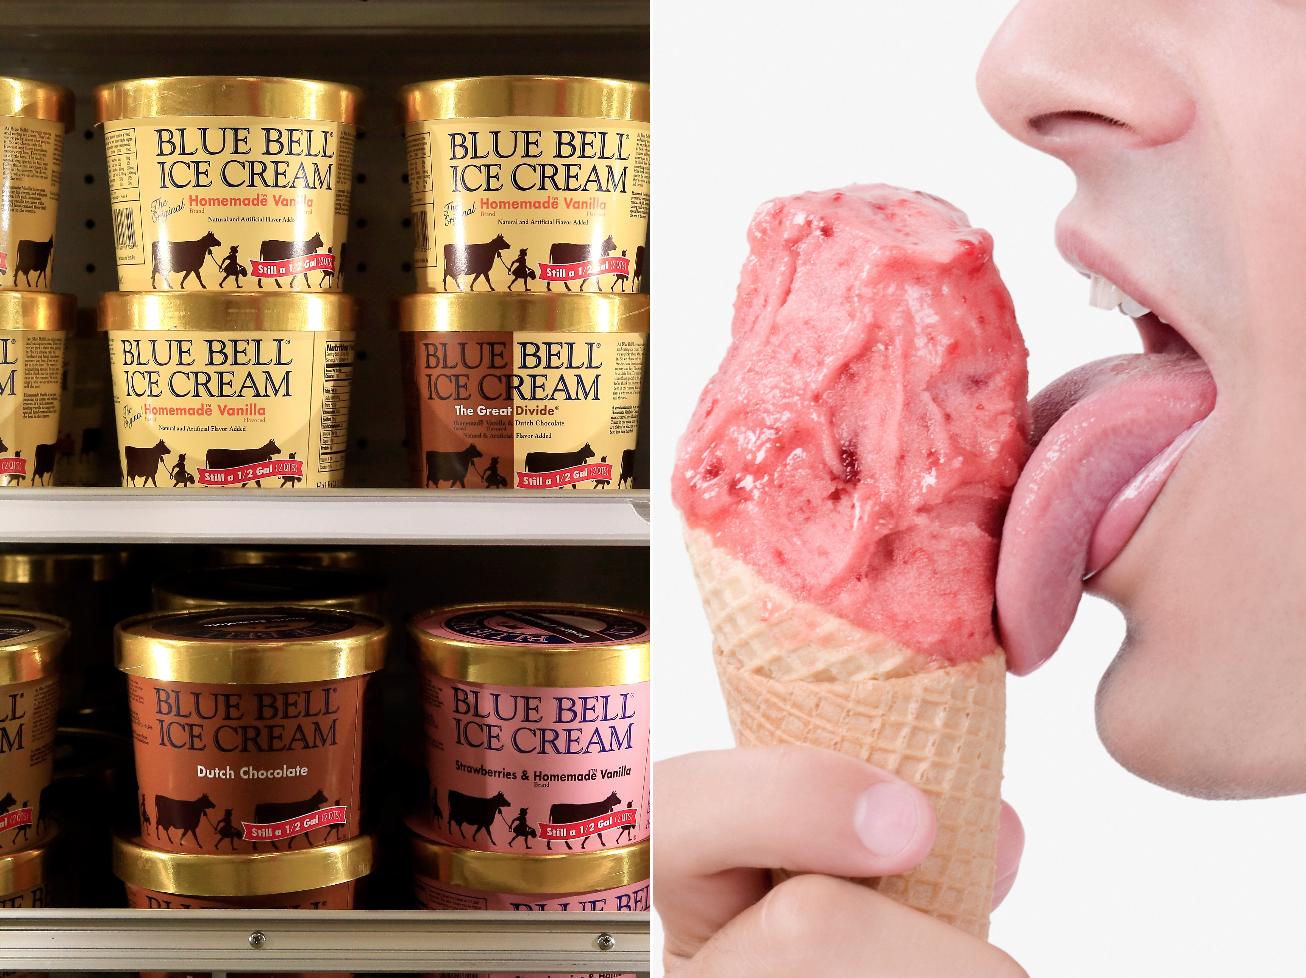 Ice cream licker, Getty